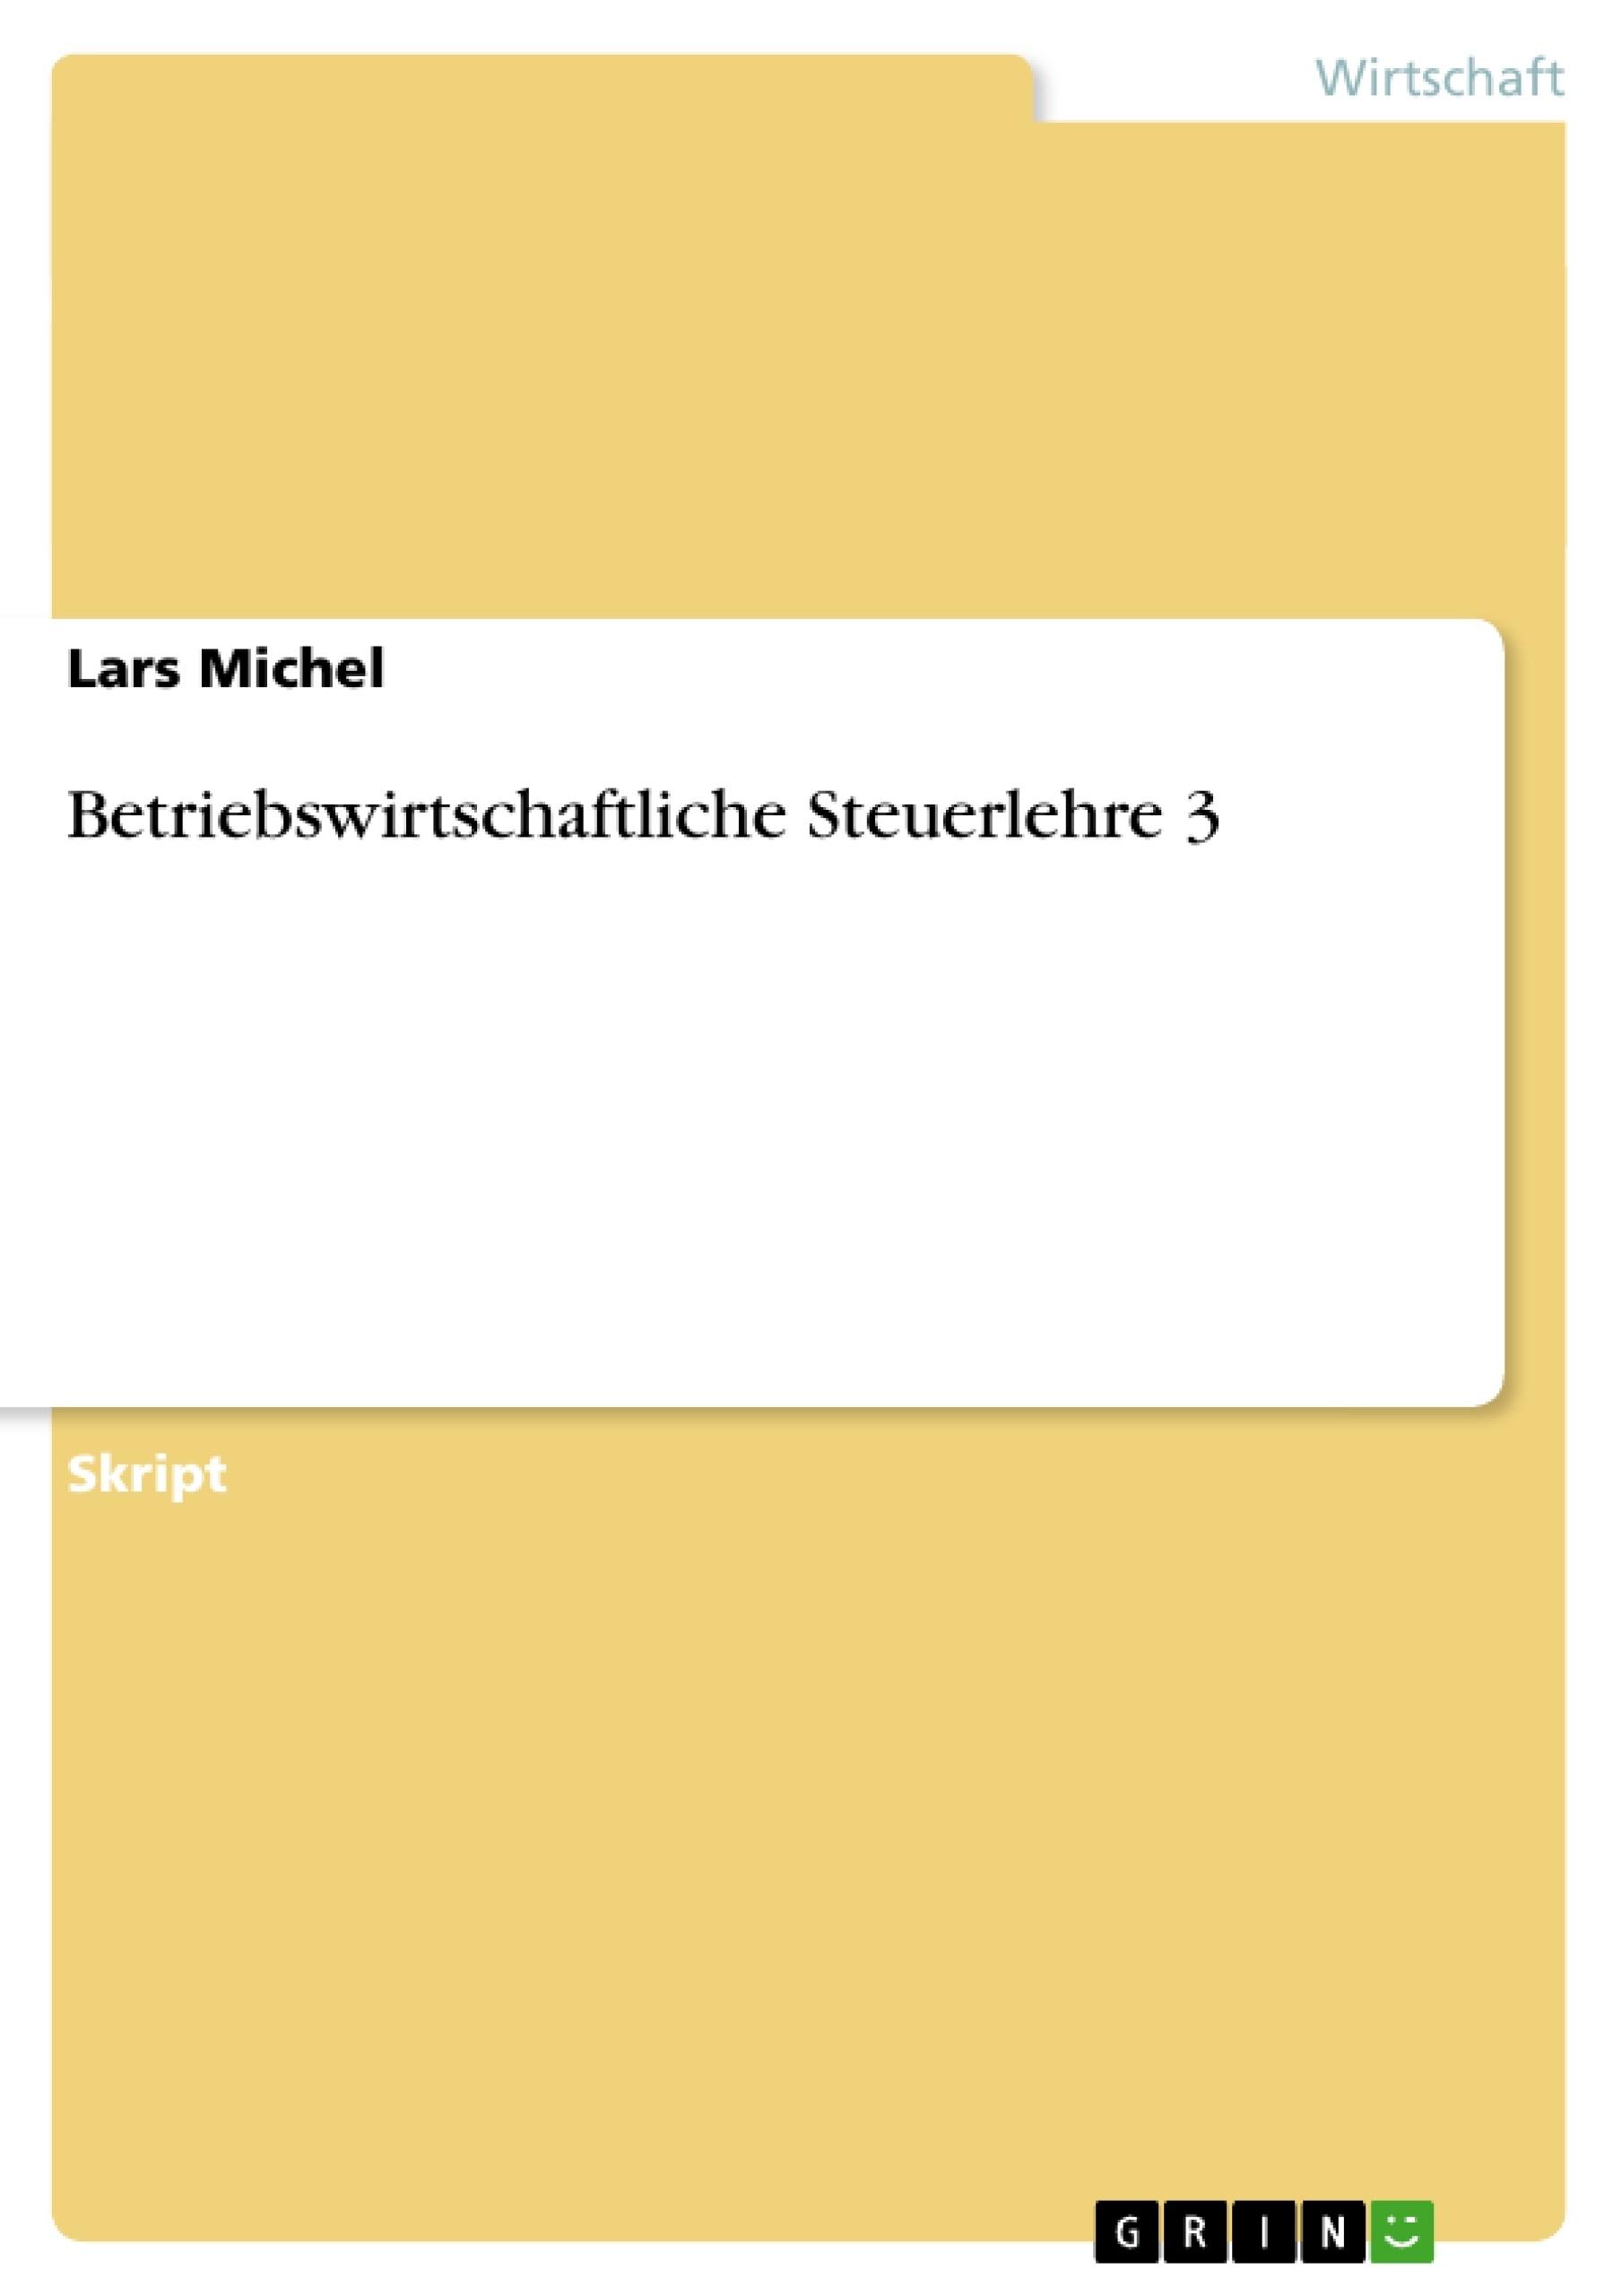 Titel: Betriebswirtschaftliche Steuerlehre 3